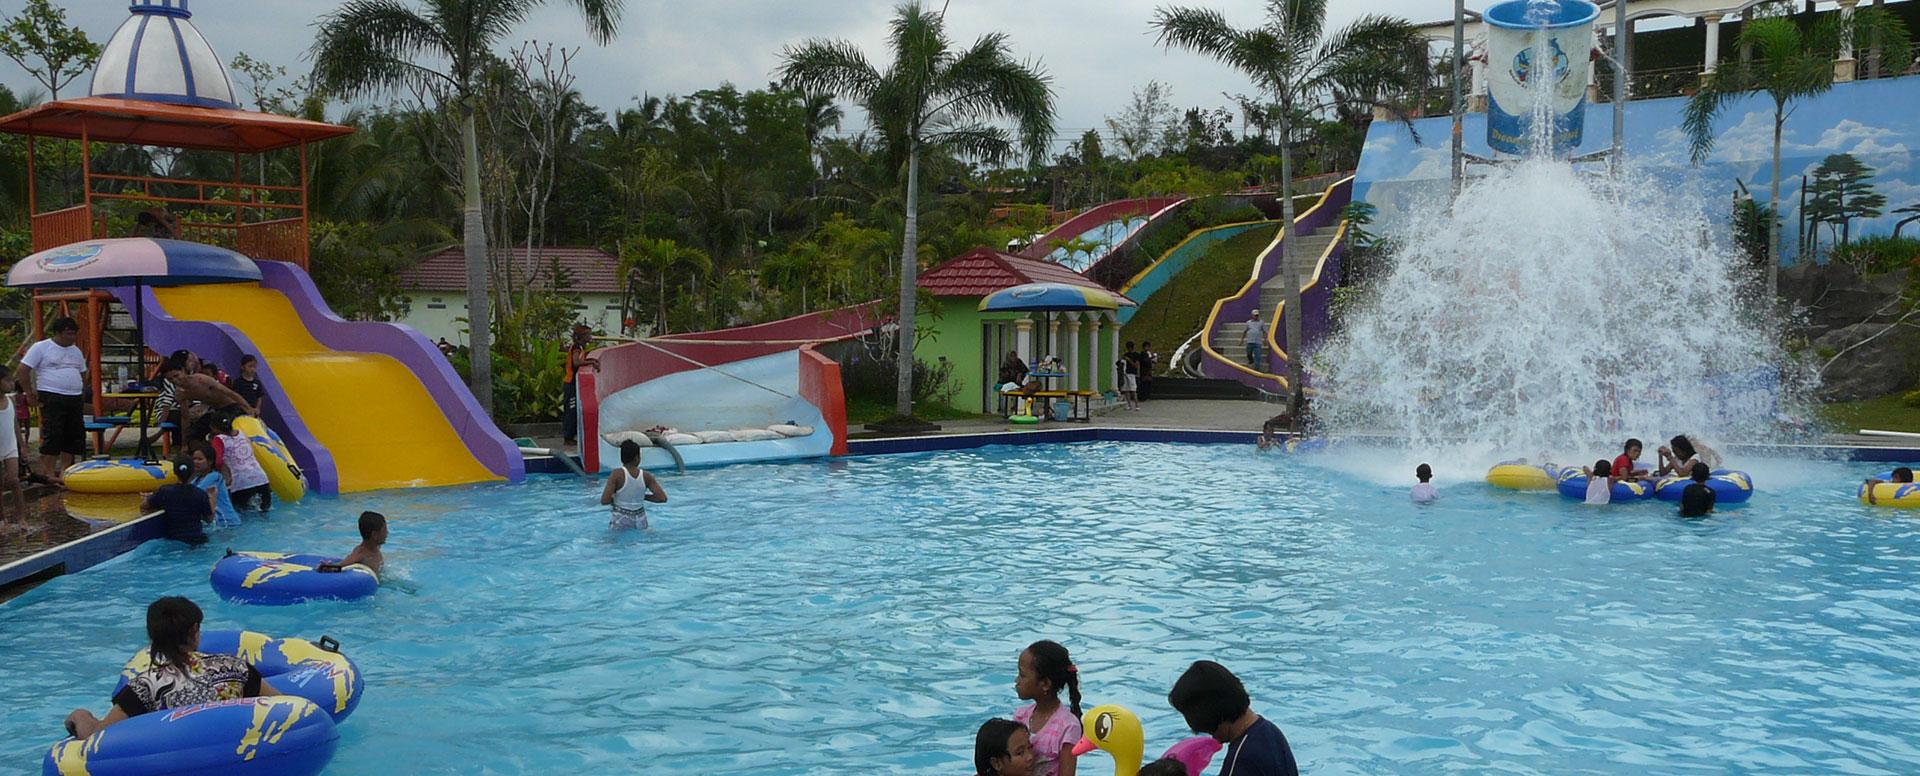 Destinasi Wisata Banyumas Dreamland Park Waterpark Ajibarang Kab